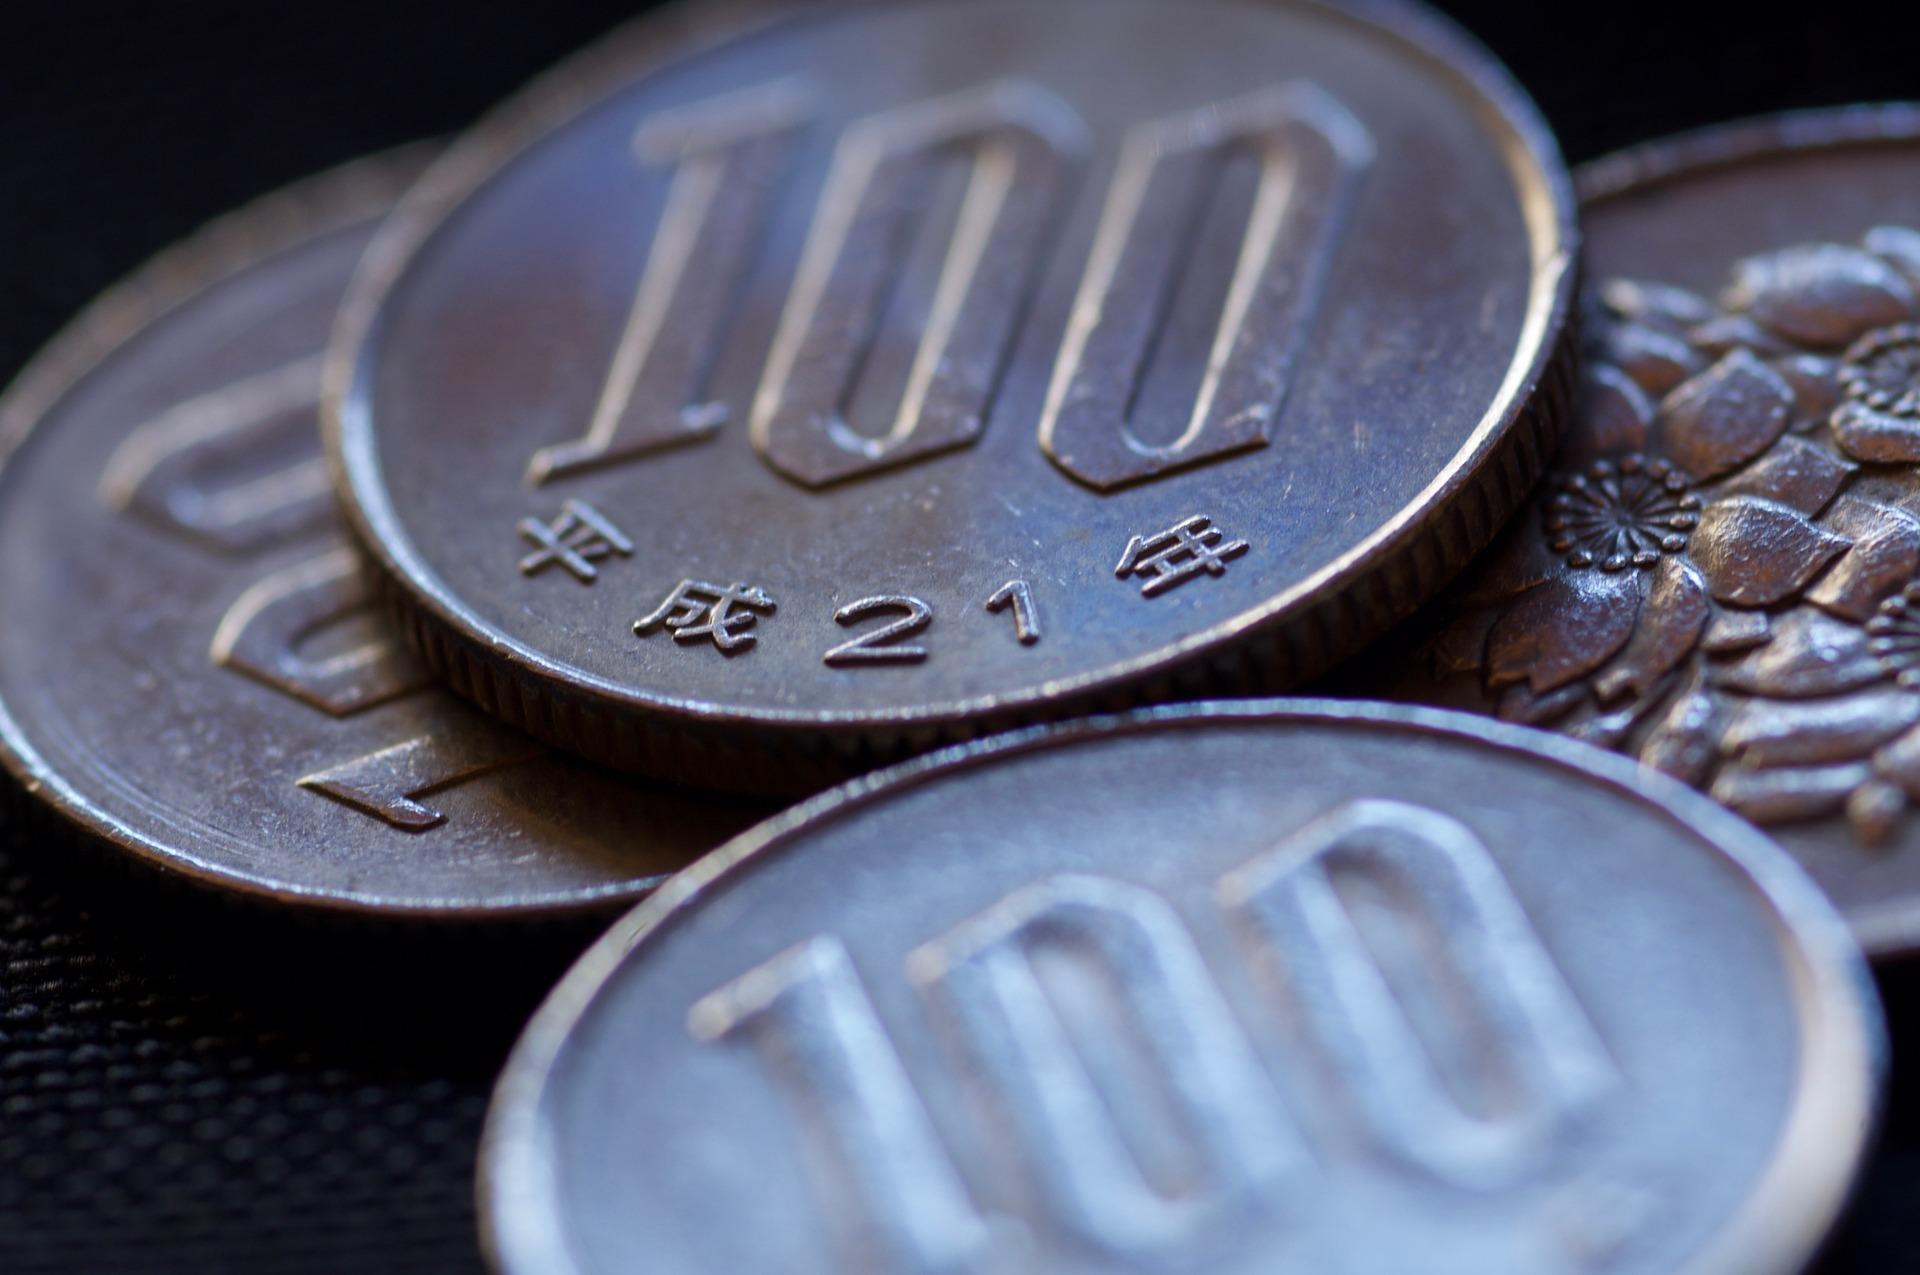 クレジットカードデビューは楽天カードに!普段の支払いも現金からカードにシフトしてポイントを貯めよう